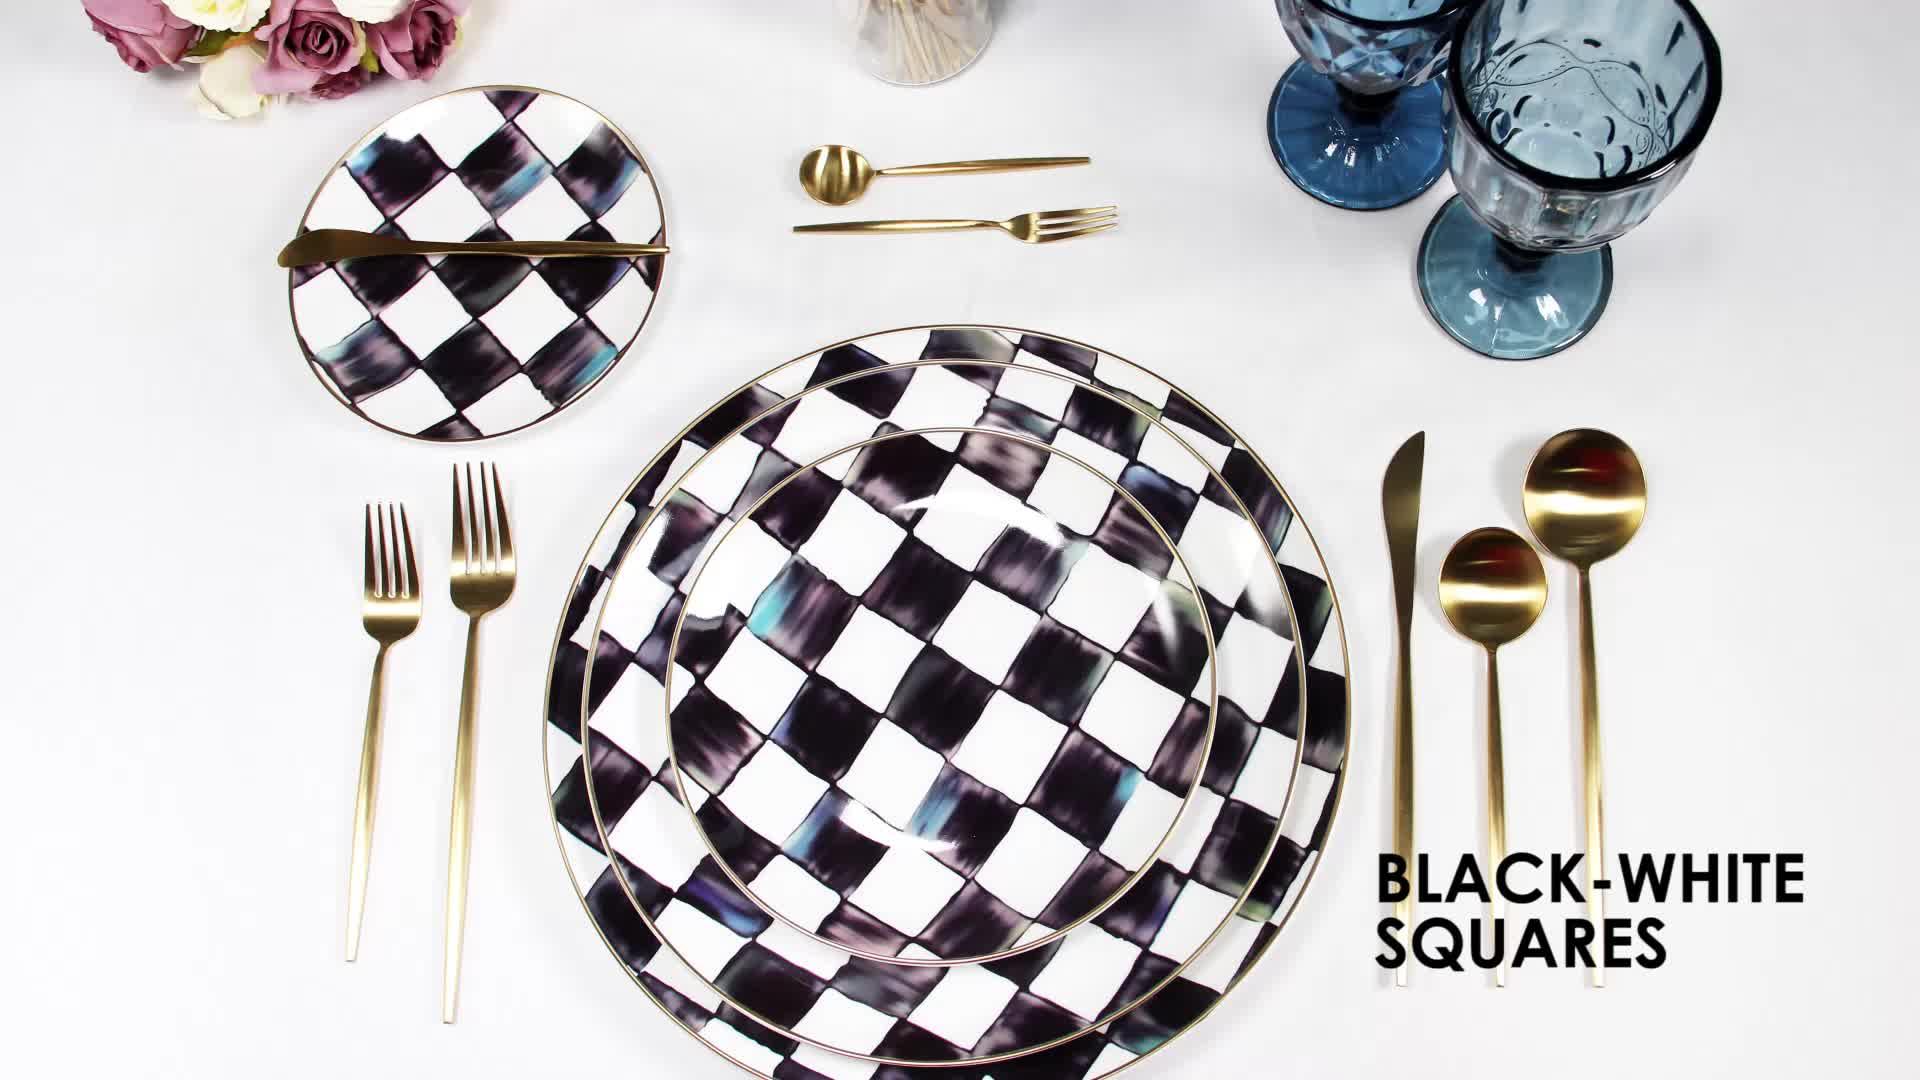 चेक गणराज्य से रात के खाने के ठीक चीनी मिट्टी के बरतन सेट/घुटा हुआ रात के खाने के बर्तन/फ्रेंच tableware काले खाने की थाली सेट